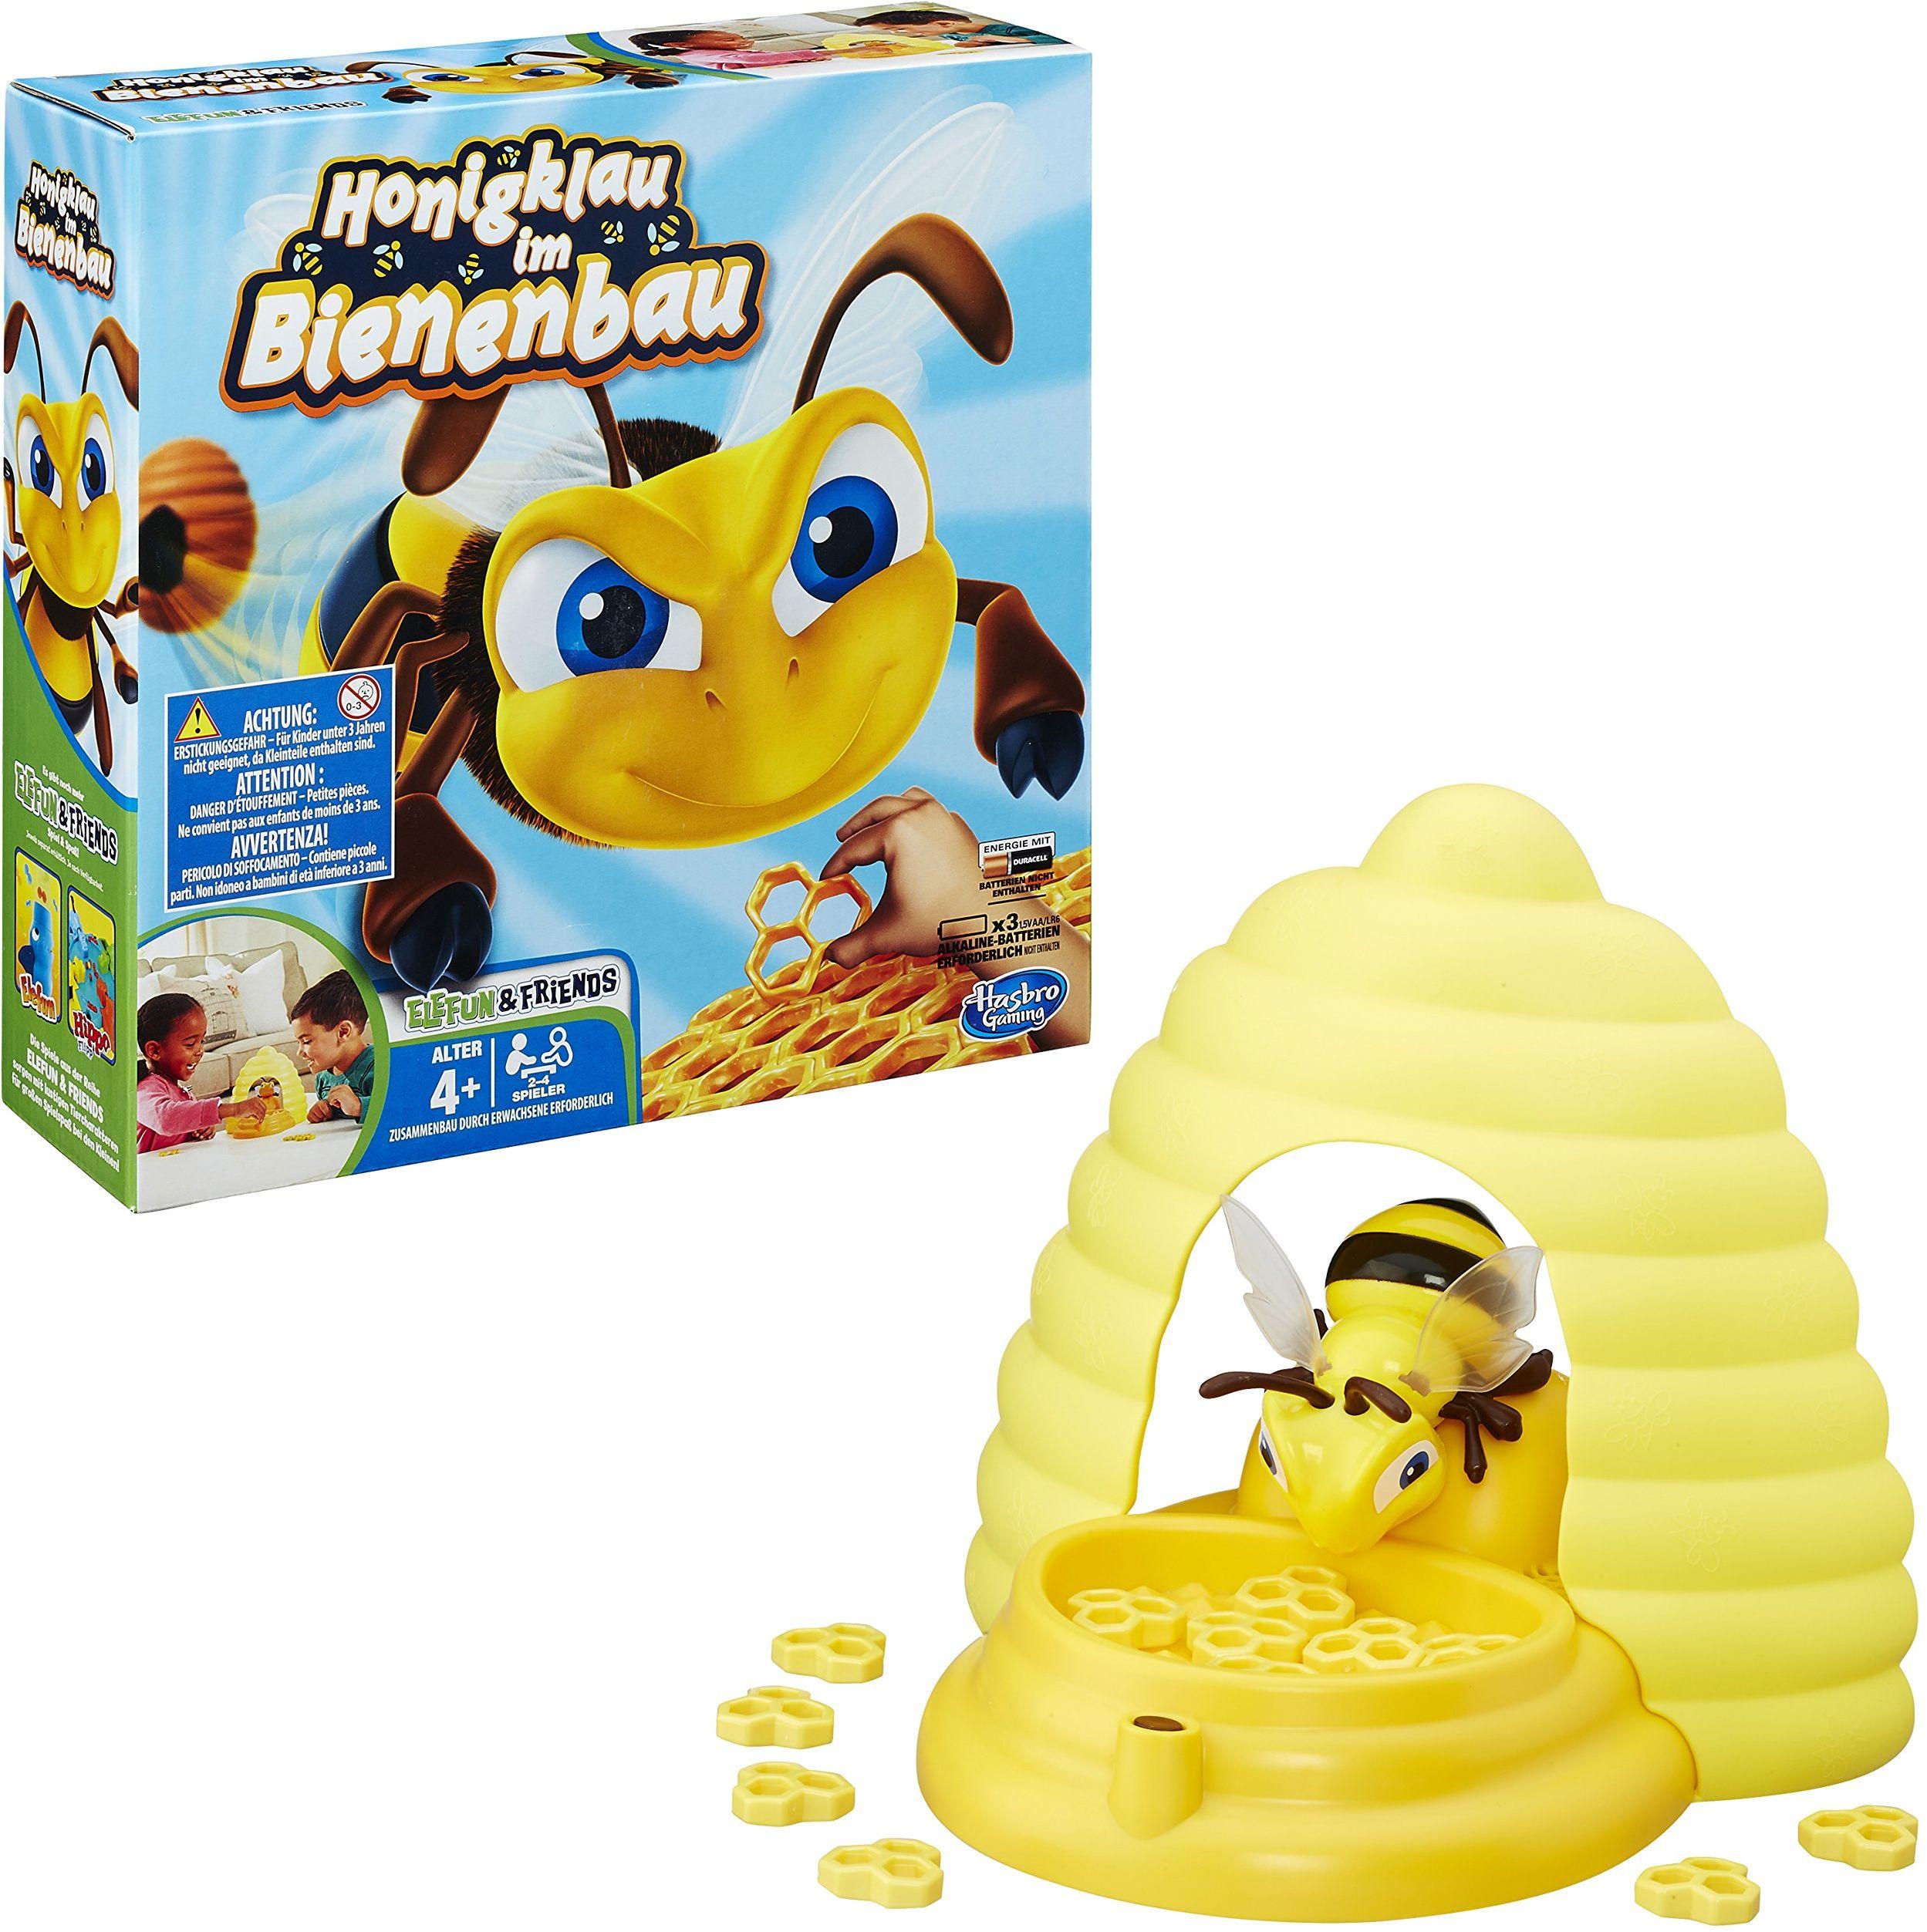 Hasbro Spiele B5355100  klau miodowy w pszczelarstwie, przedszkola